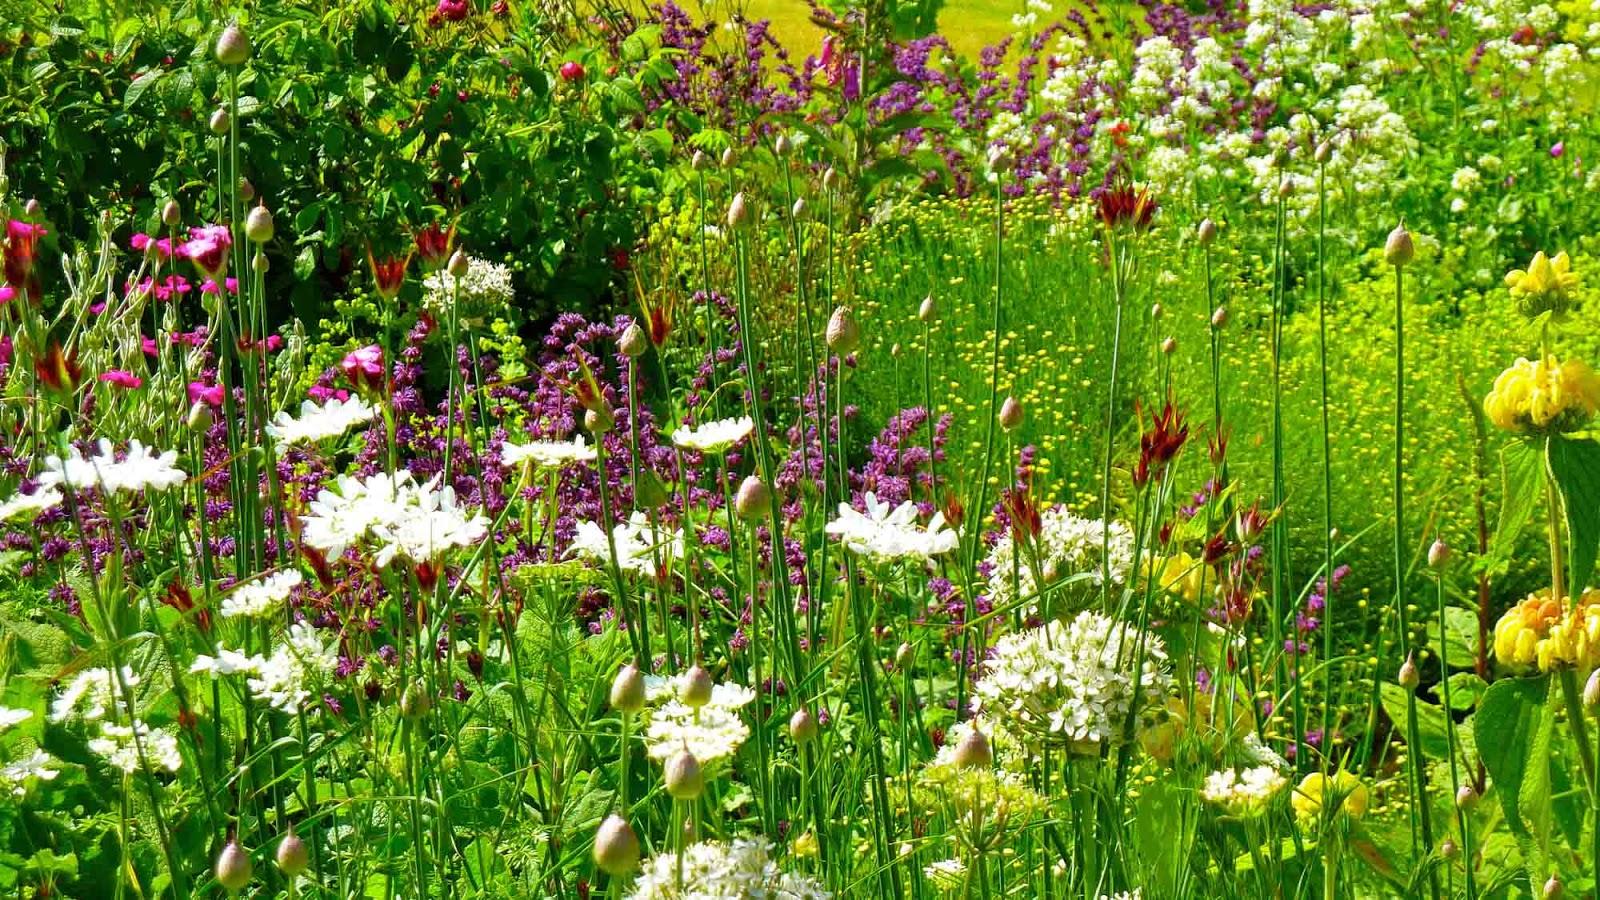 jardines naturalistas que favorecen la biodiversidad.